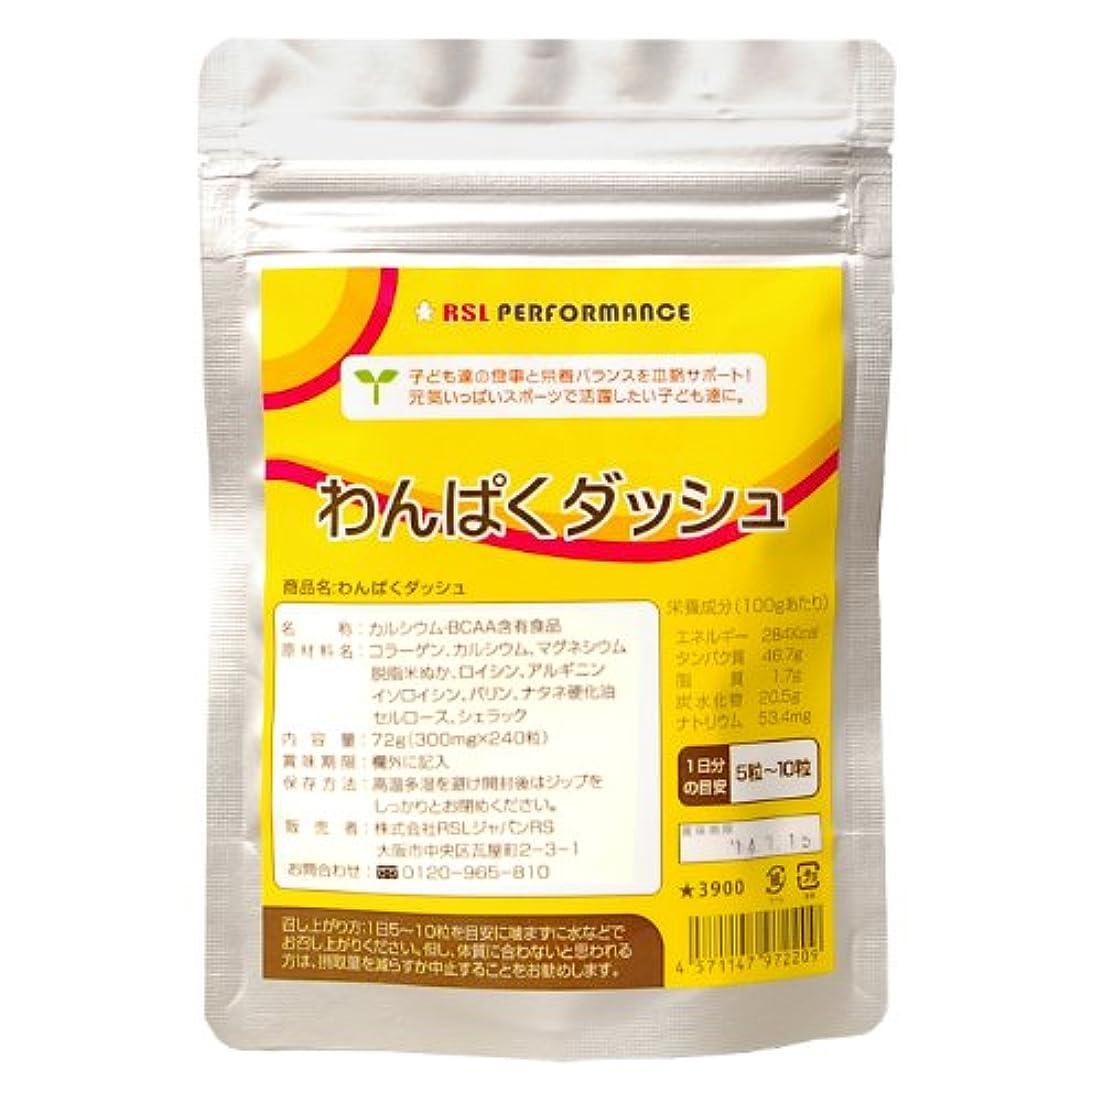 流砂利不承認ジュニアアスリート専用!必須アミノ酸(BCAA)?カルシウム?マグネシウムなど不可欠な栄養成分を最適バランス配合 わんぱくダッシュ